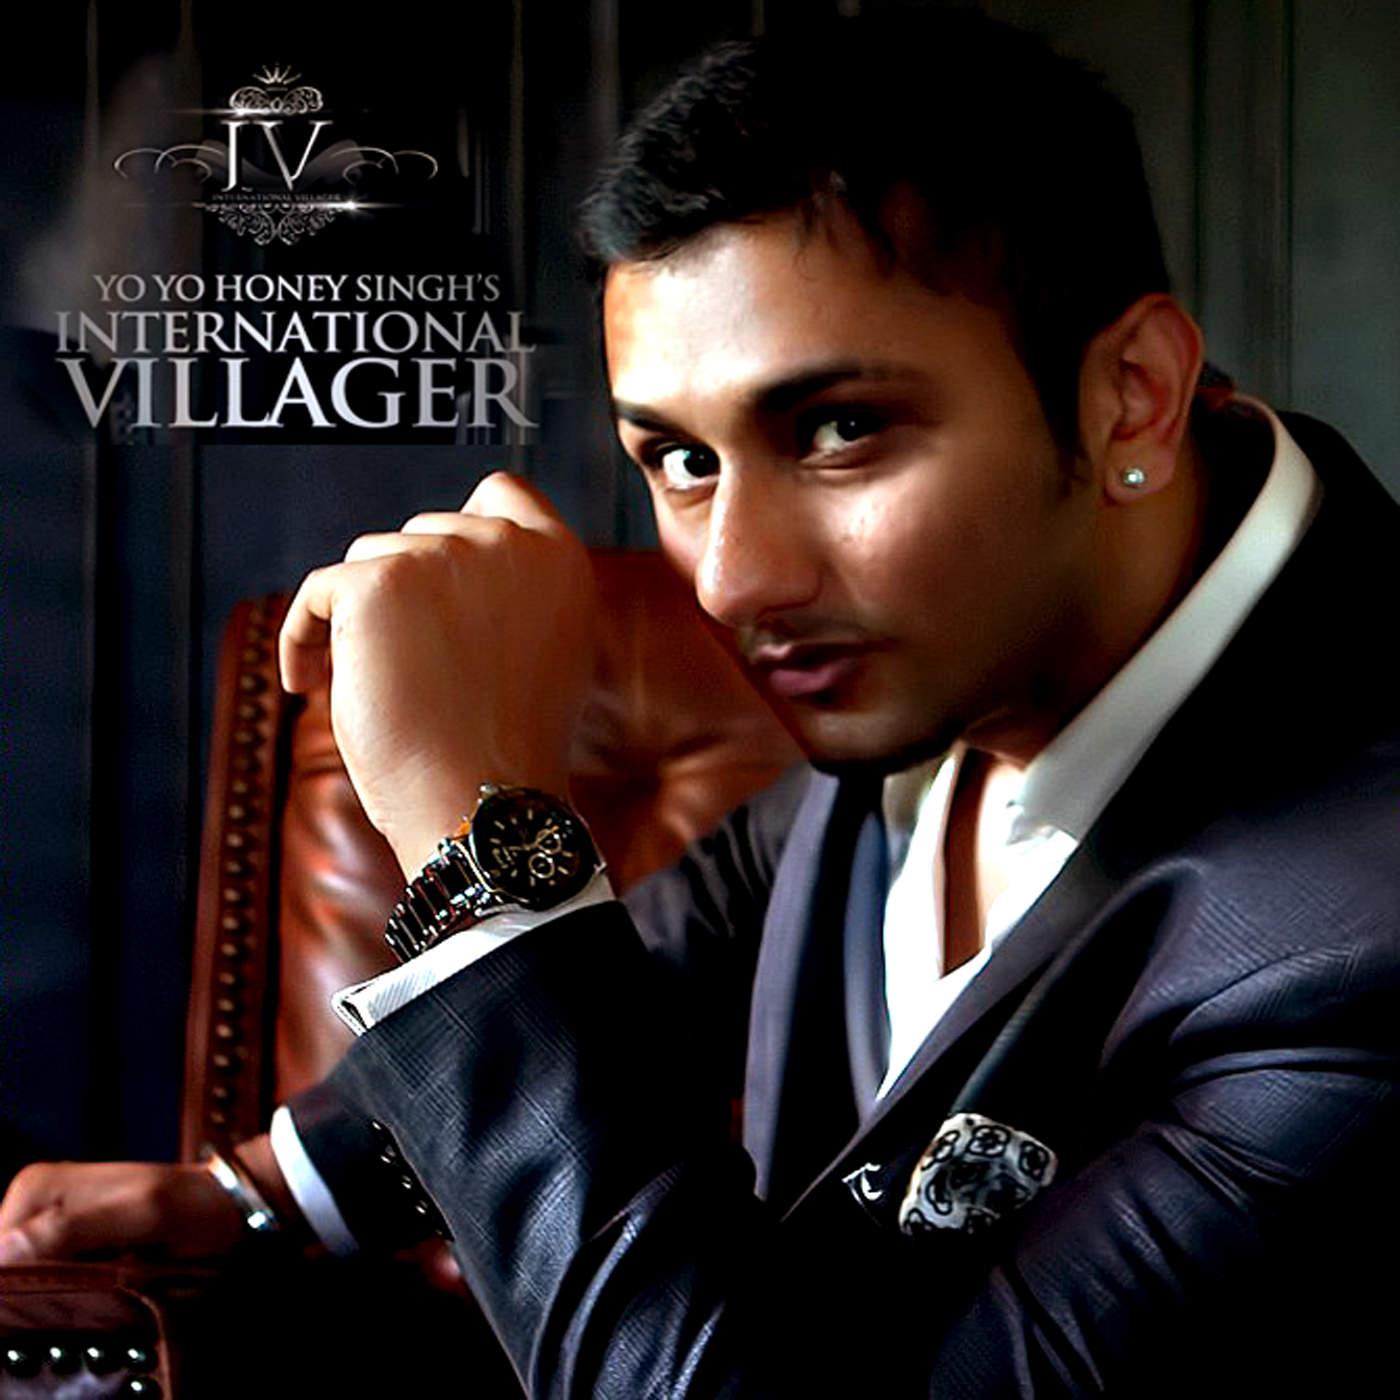 Yo Yo Honey Singh - International Villager